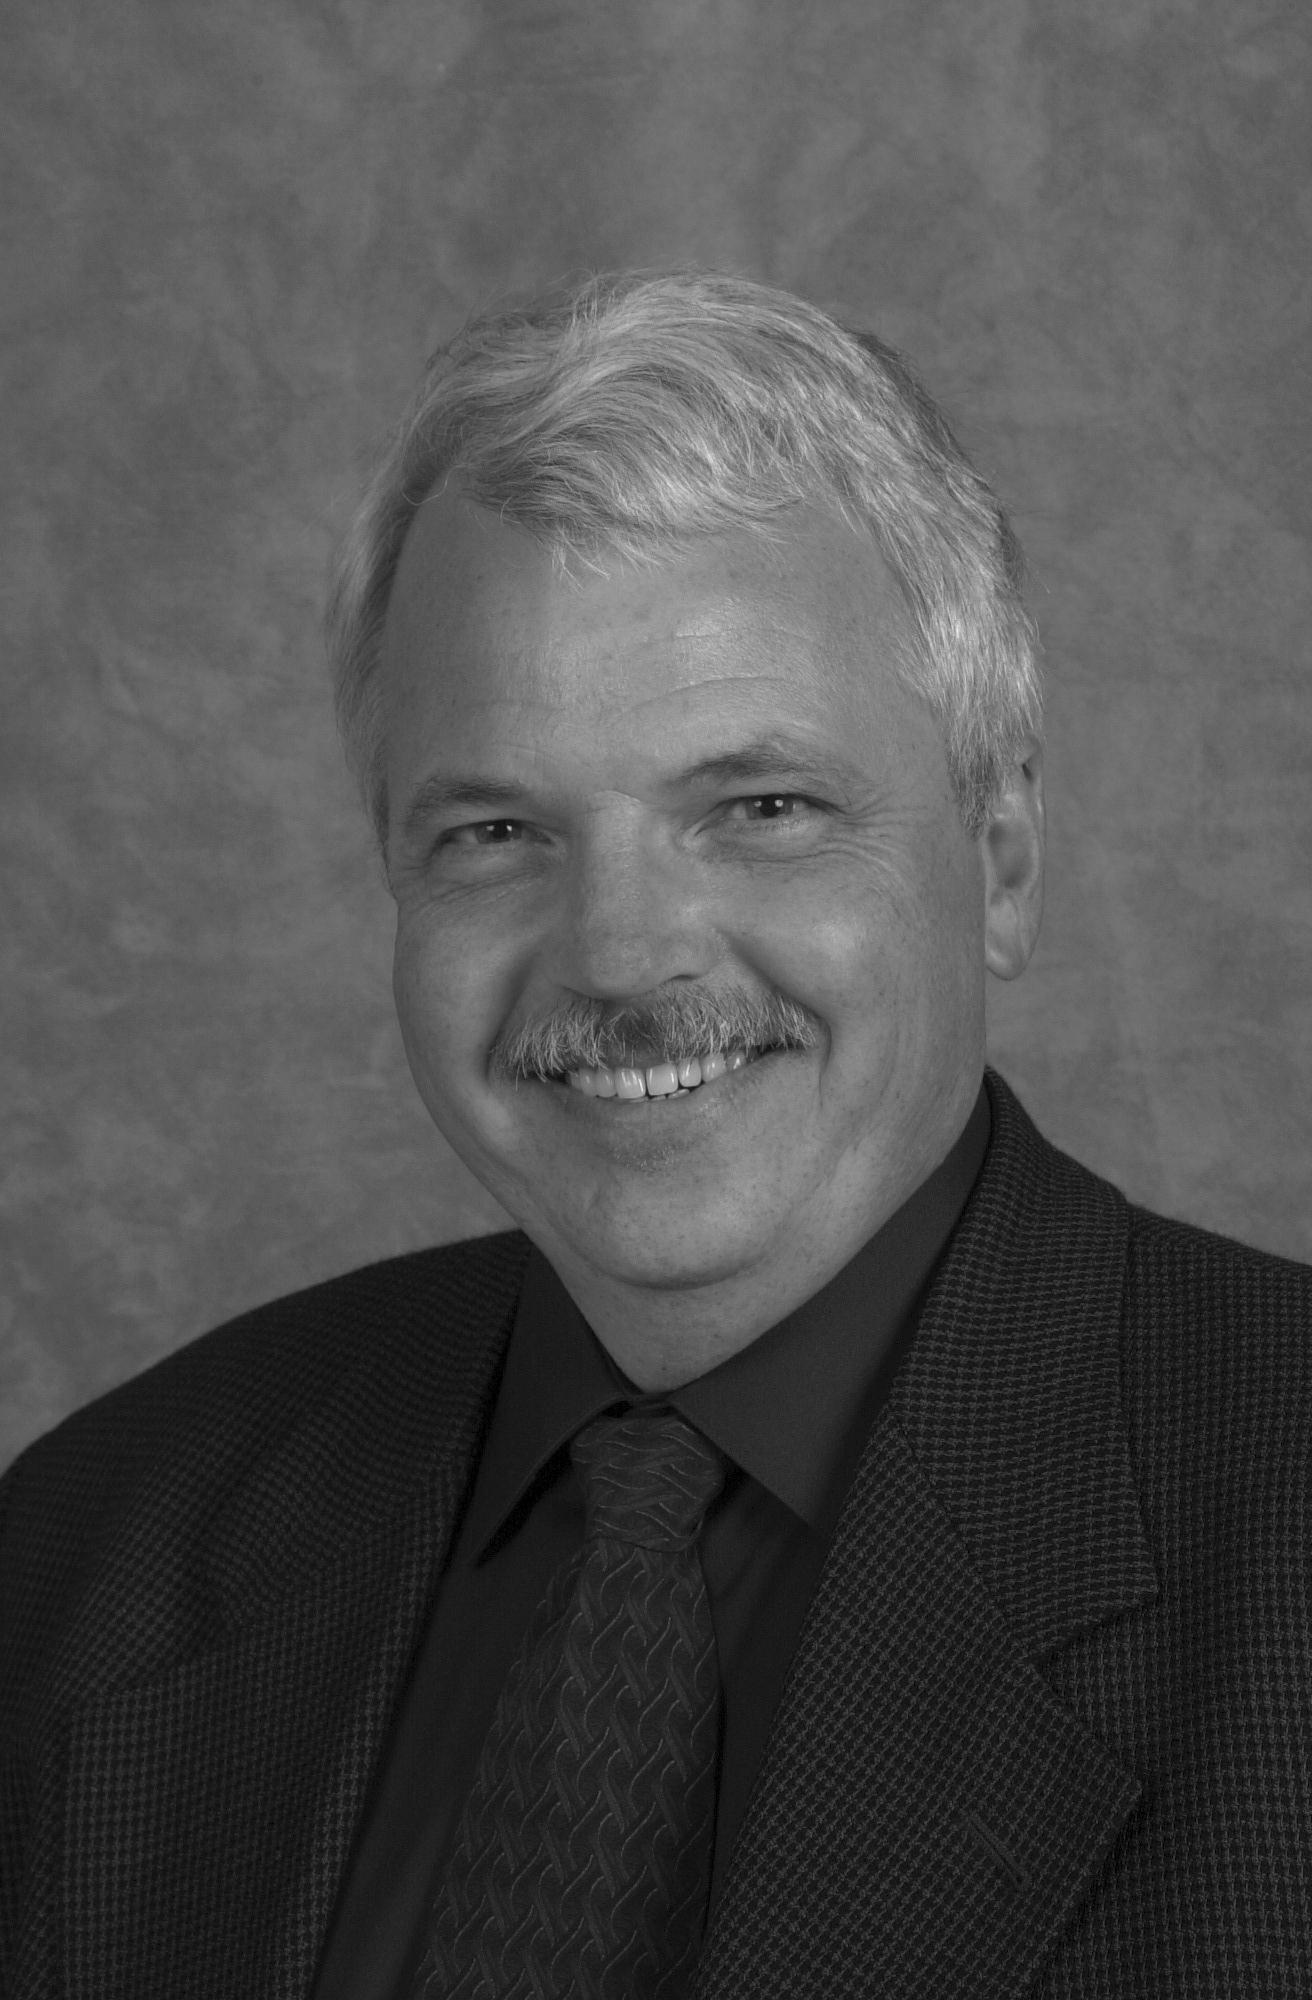 Henry Bokuniewicz